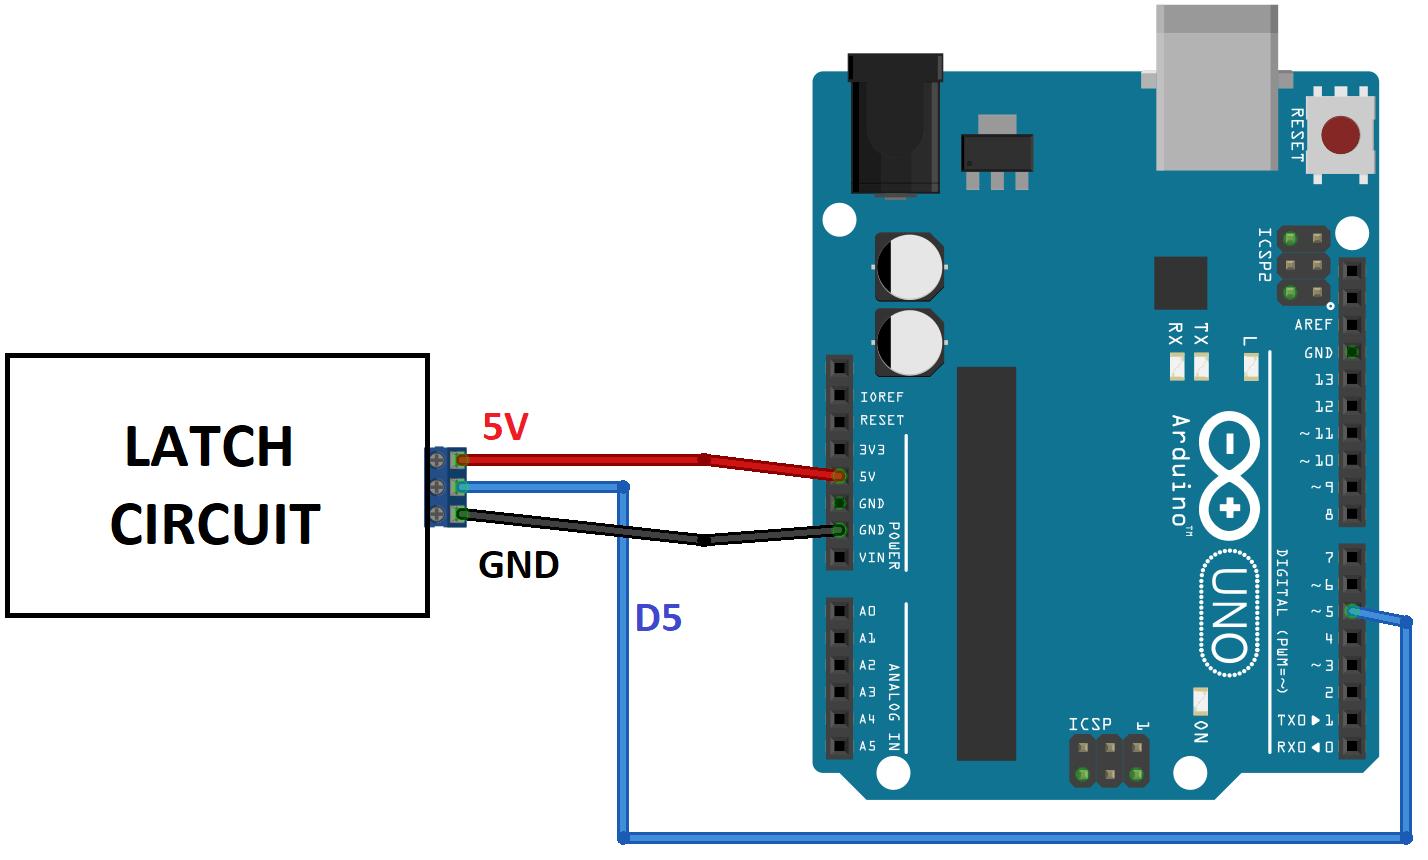 power latch circuit schematics arduino [ 1428 x 860 Pixel ]